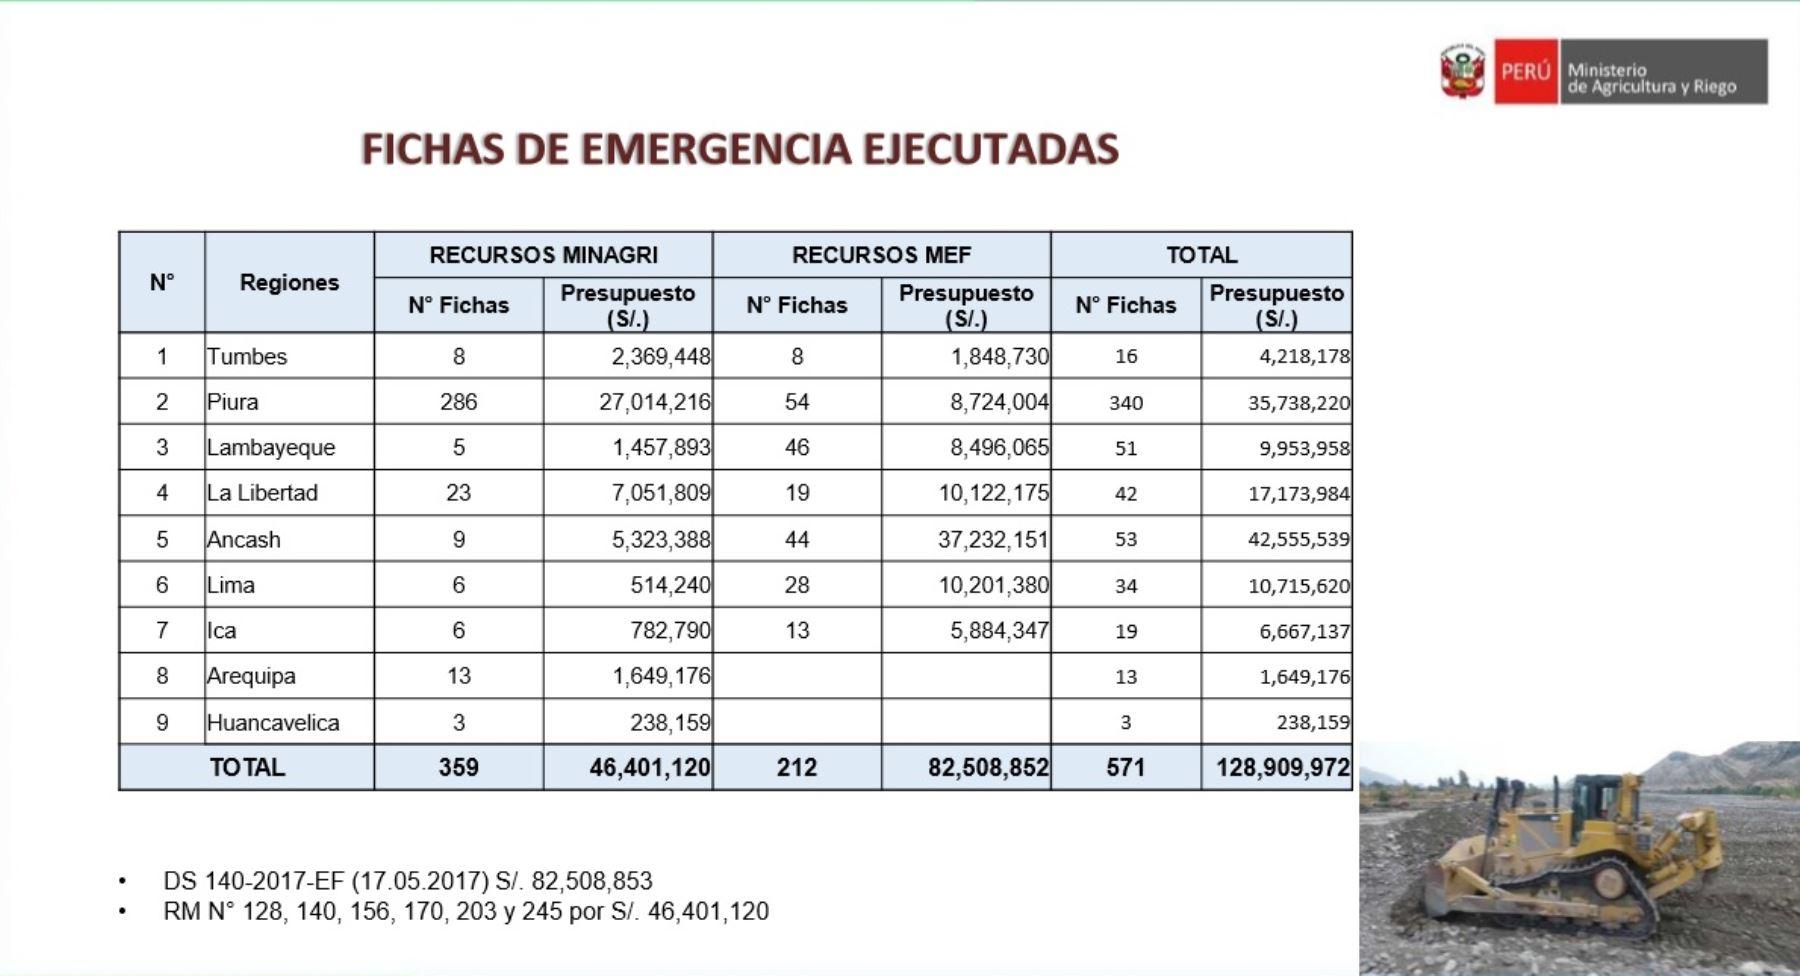 El ministro precisó que el Plan de Reconstrucción del Agro -que contempla la reconstrucción de infraestructura hidráulica, protección de cuencas y recuperación de áreas de cultivo- se ejecutará en las regiones priorizadas de Tumbes, Piura, Lambayeque, La Libertad, Ancash, Lima provincias e Ica.